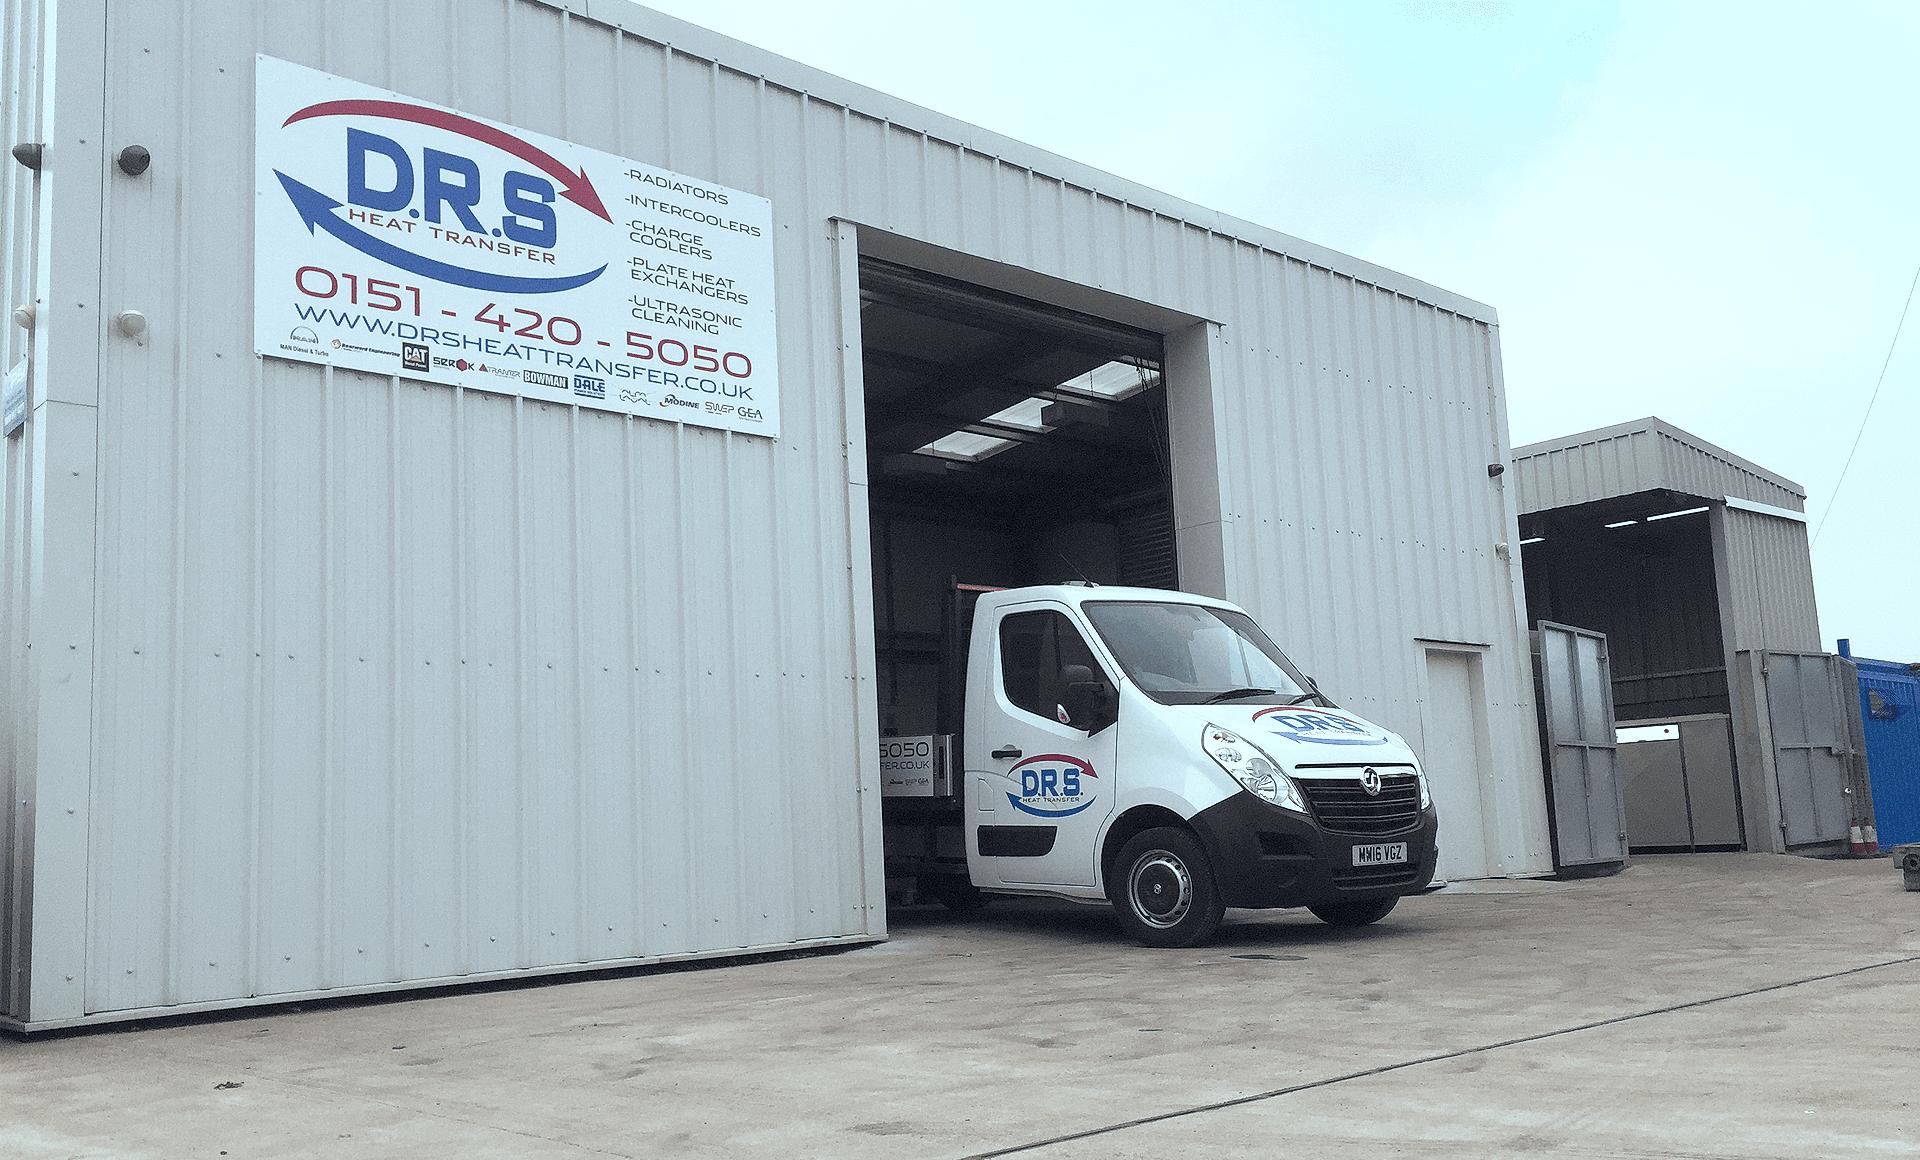 Desert radiator services